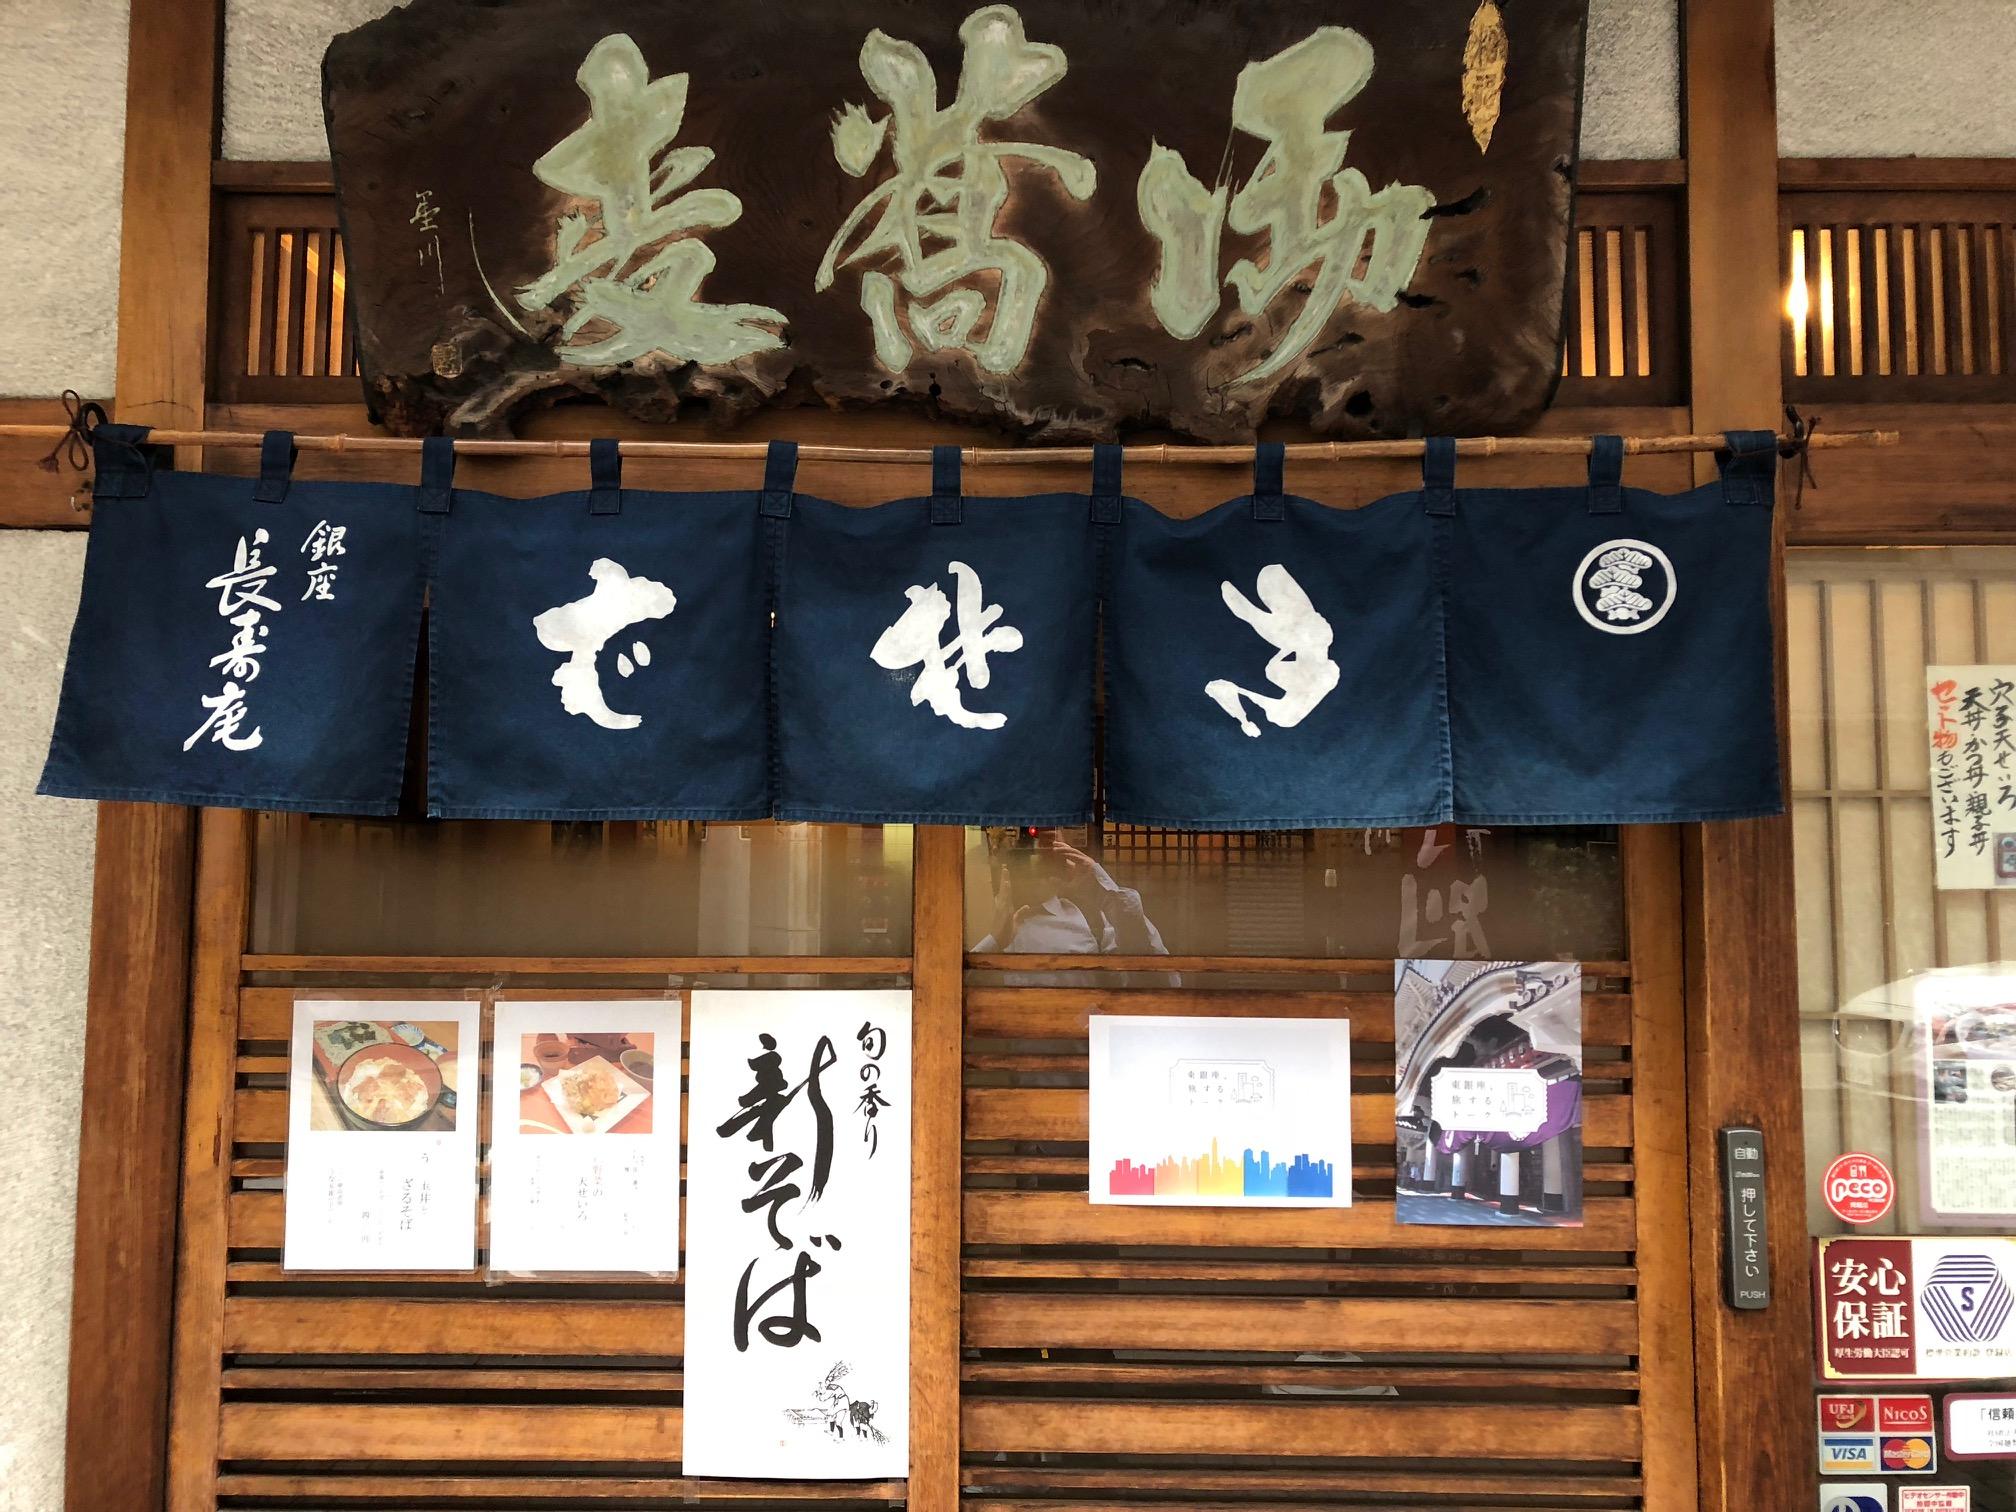 【レポート】18年10月13日東銀座、旅するトーク